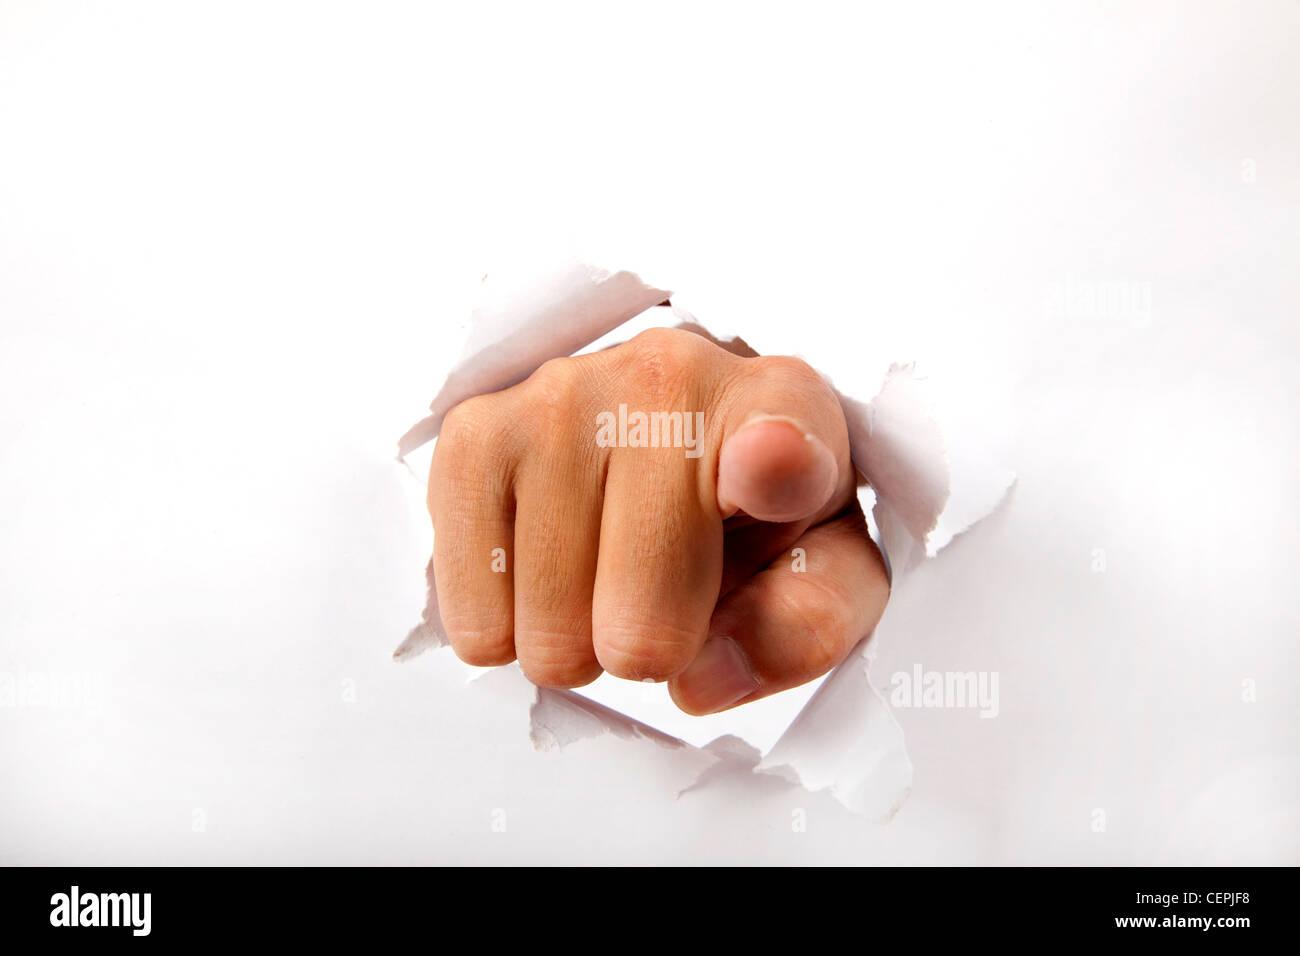 Mano a romper el papel blanco con el dedo índice señalando a la que Imagen De Stock